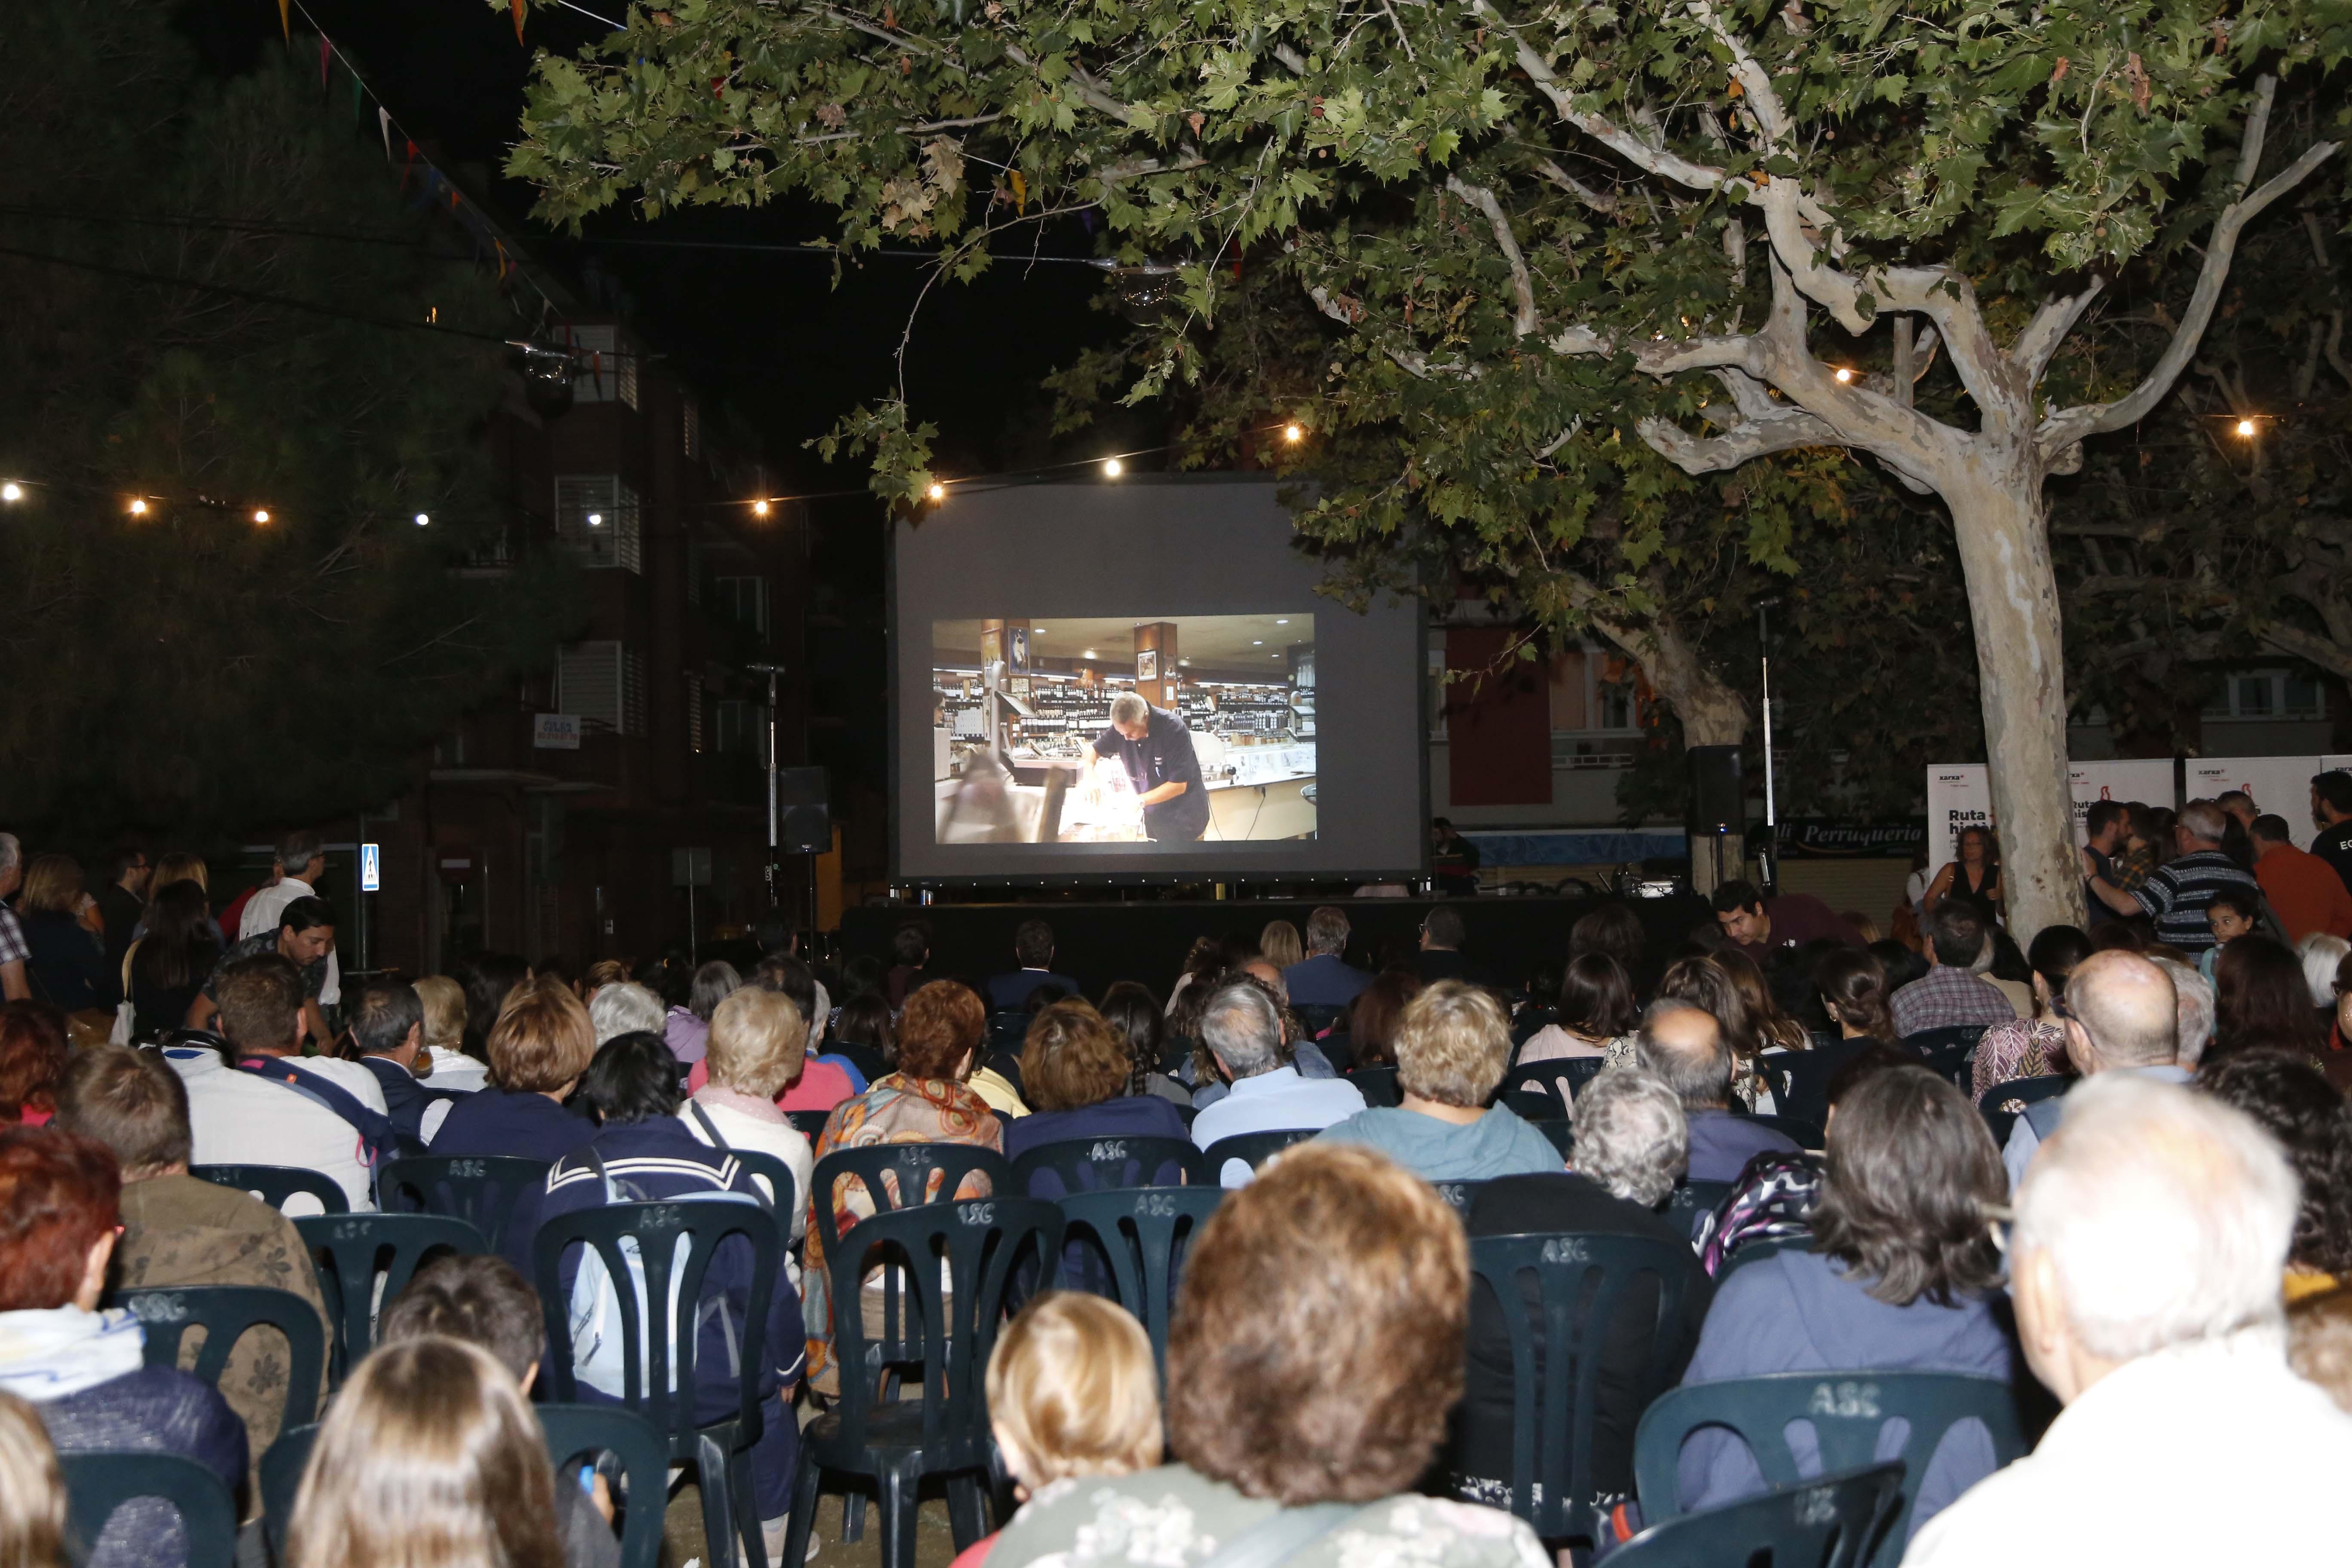 """Presentació del vídeo """"El nostre Barri, la nostre casa""""per la Festa Major del barri del Monestir- Sant Francesc 2019. FOTO: Anna Bassa"""